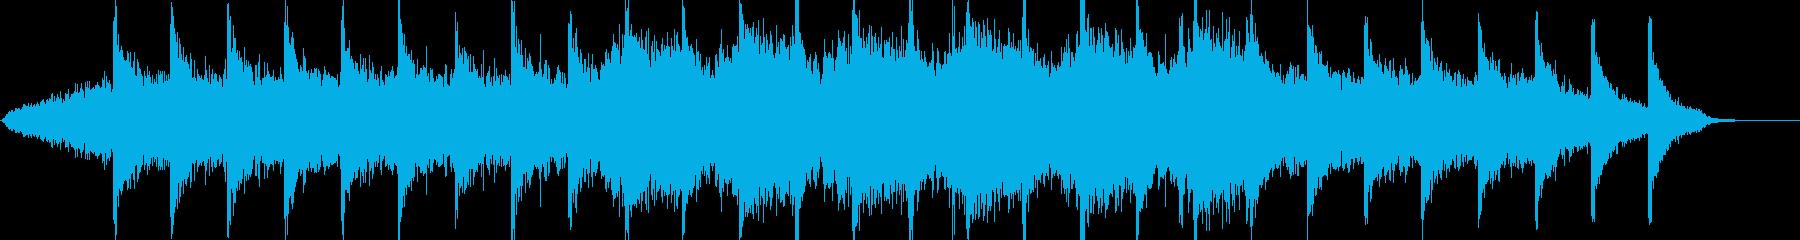 絶望の淵に立たされた神秘なBGMの再生済みの波形